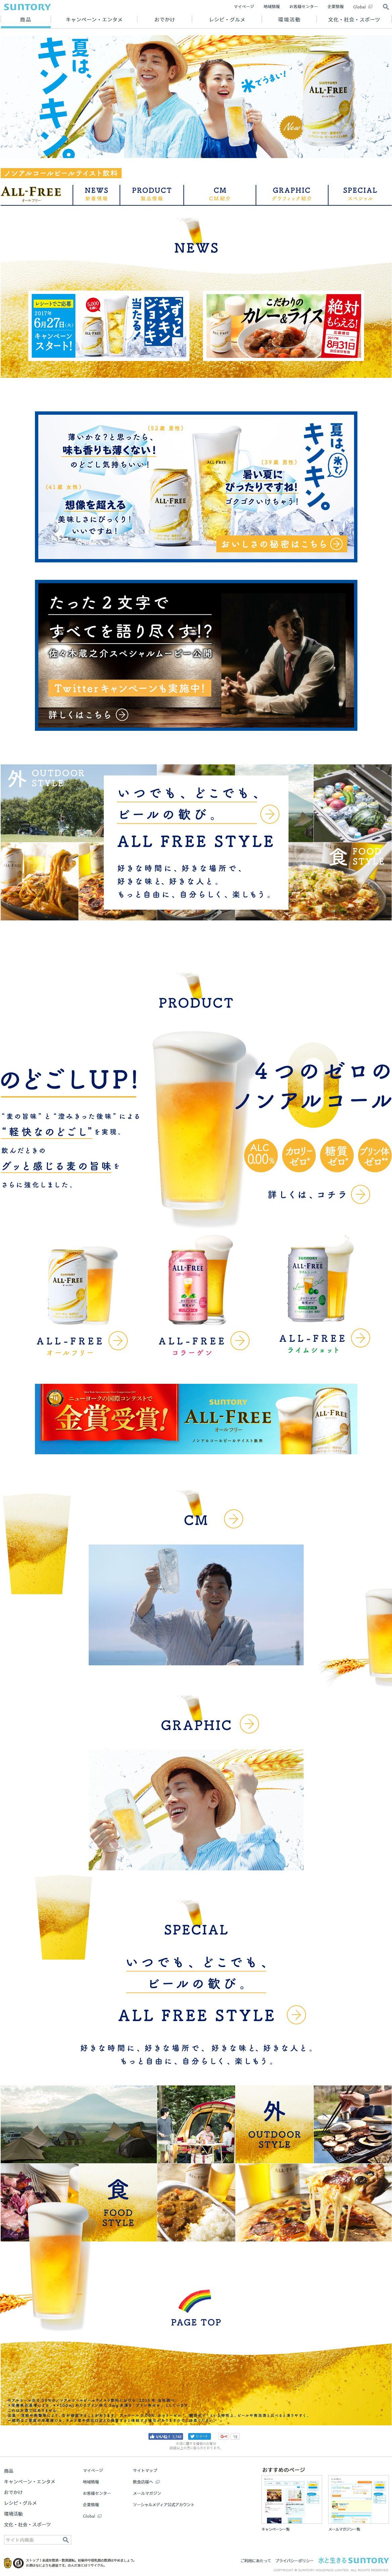 オールフリー サントリー ノンアルコールビールテイスト飲料